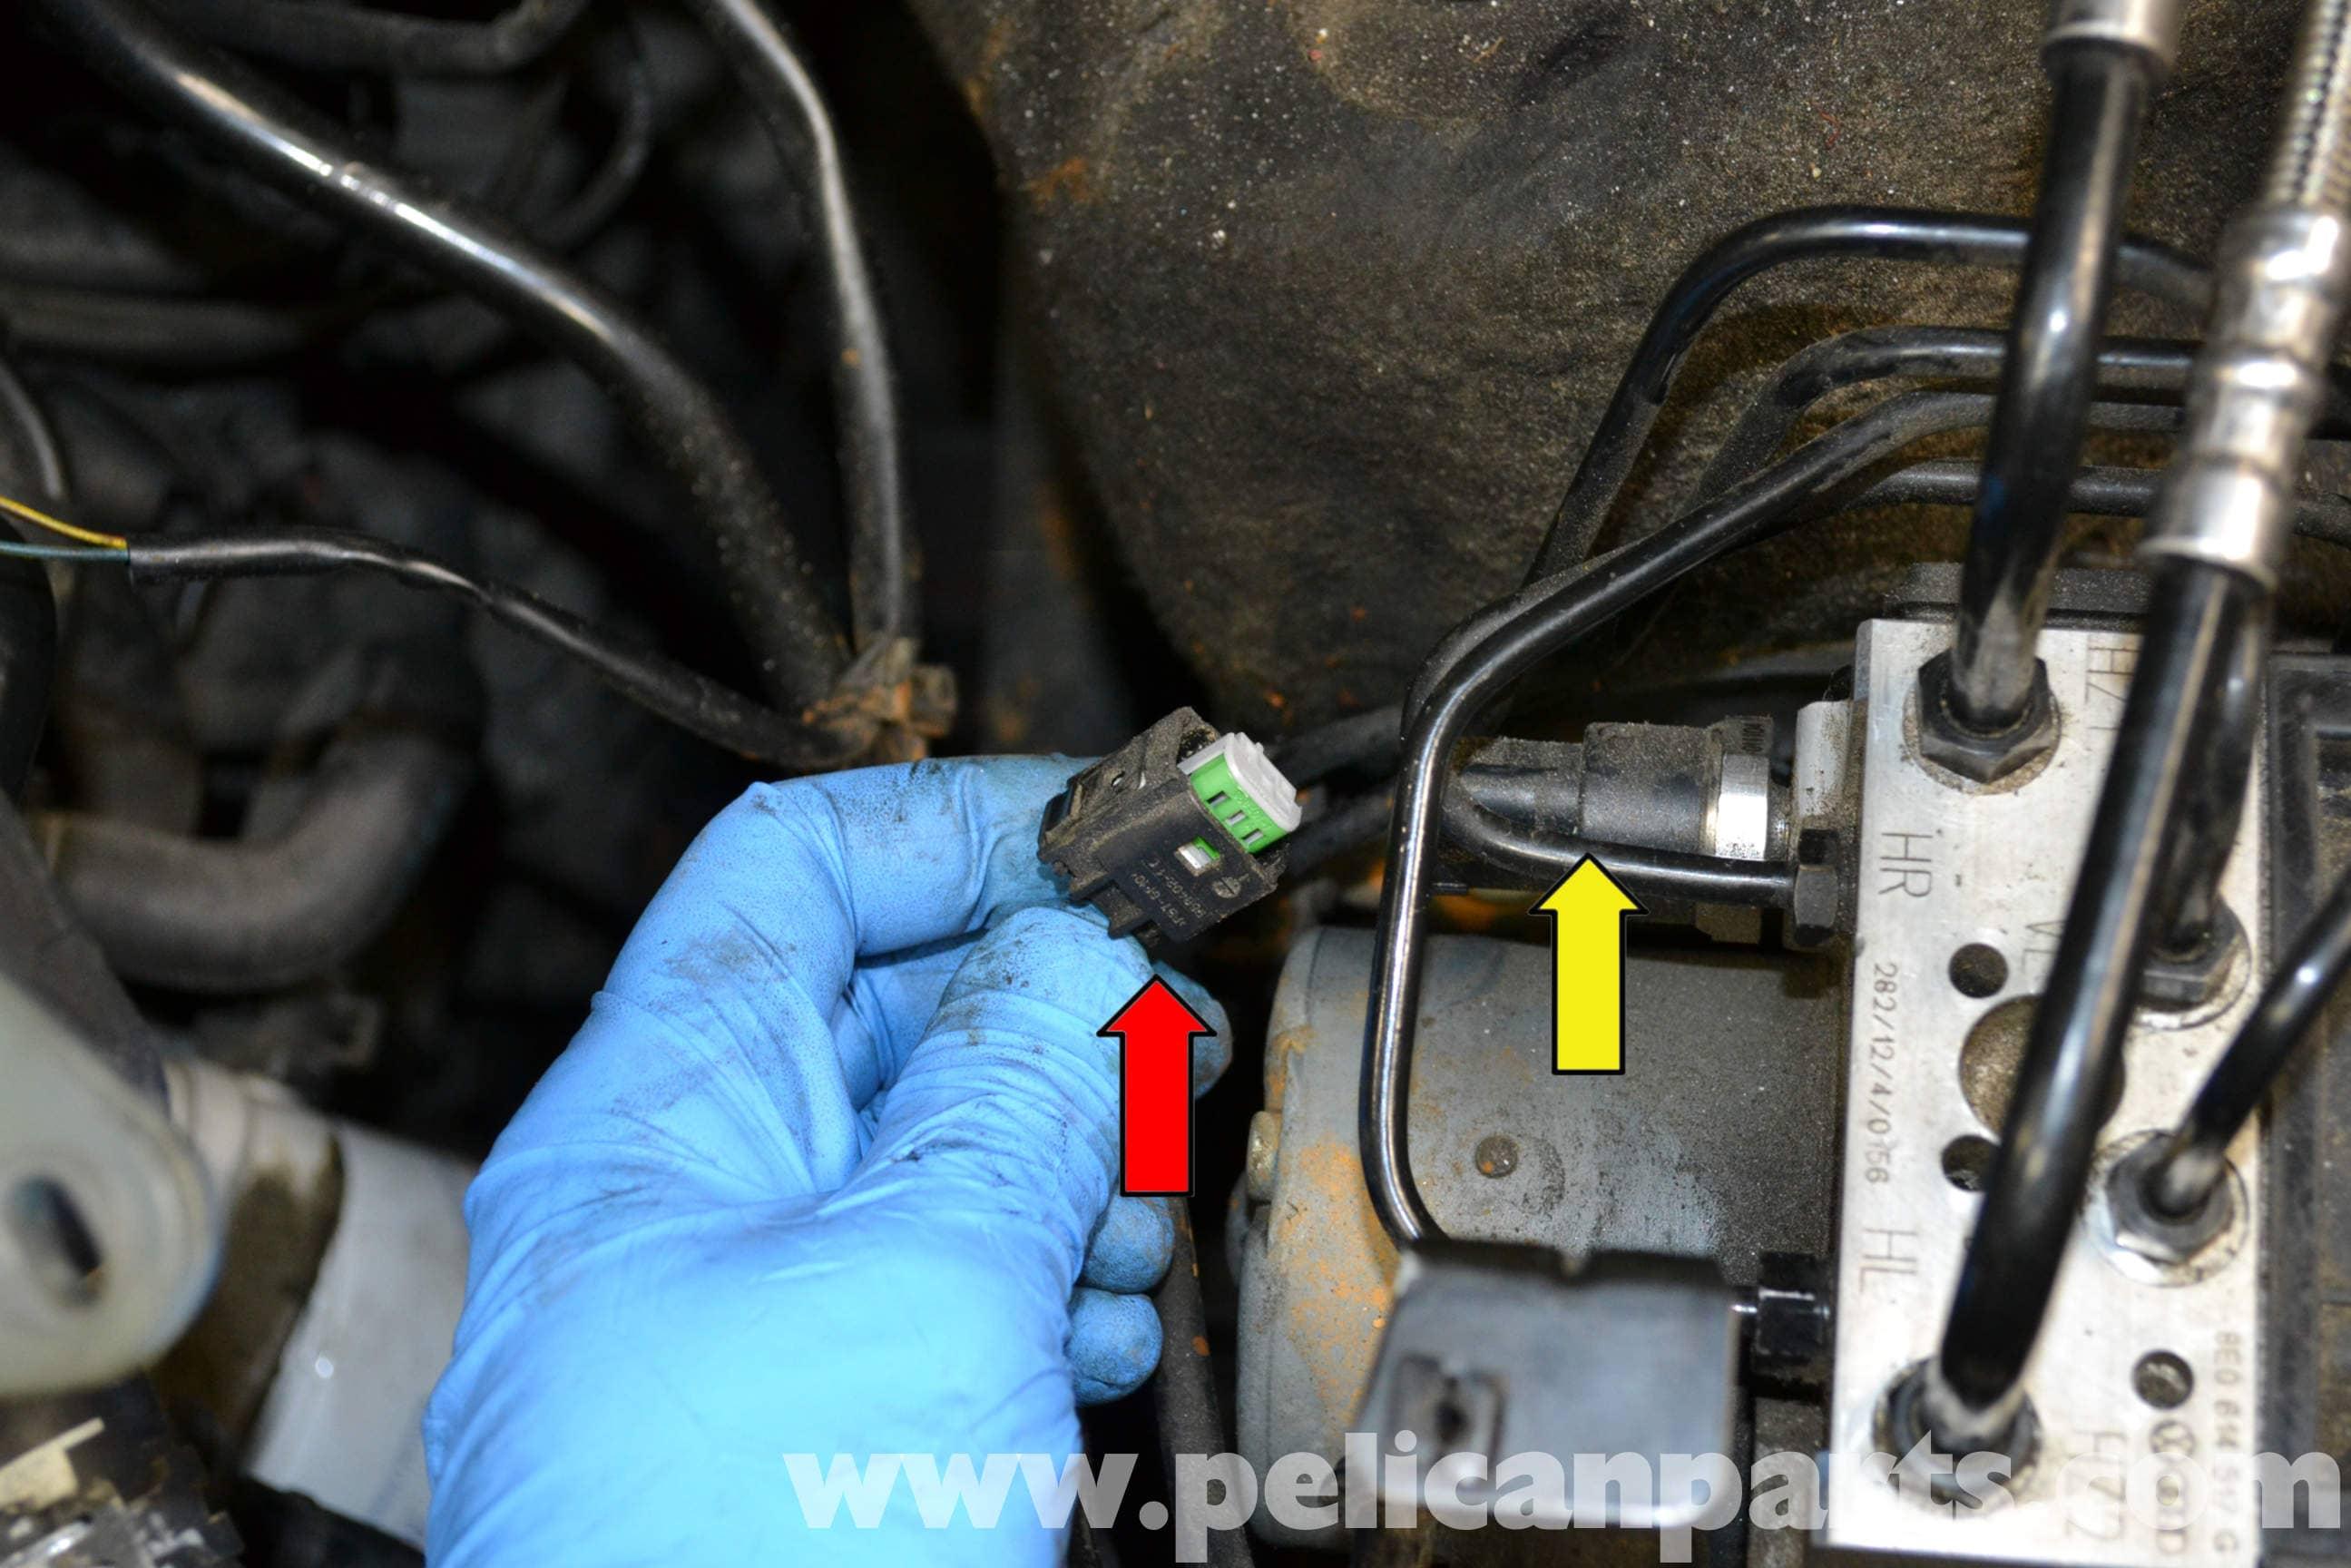 Audi A4 B6 Brake Pressure Sensor Replacement (2002-2008)   Pelican